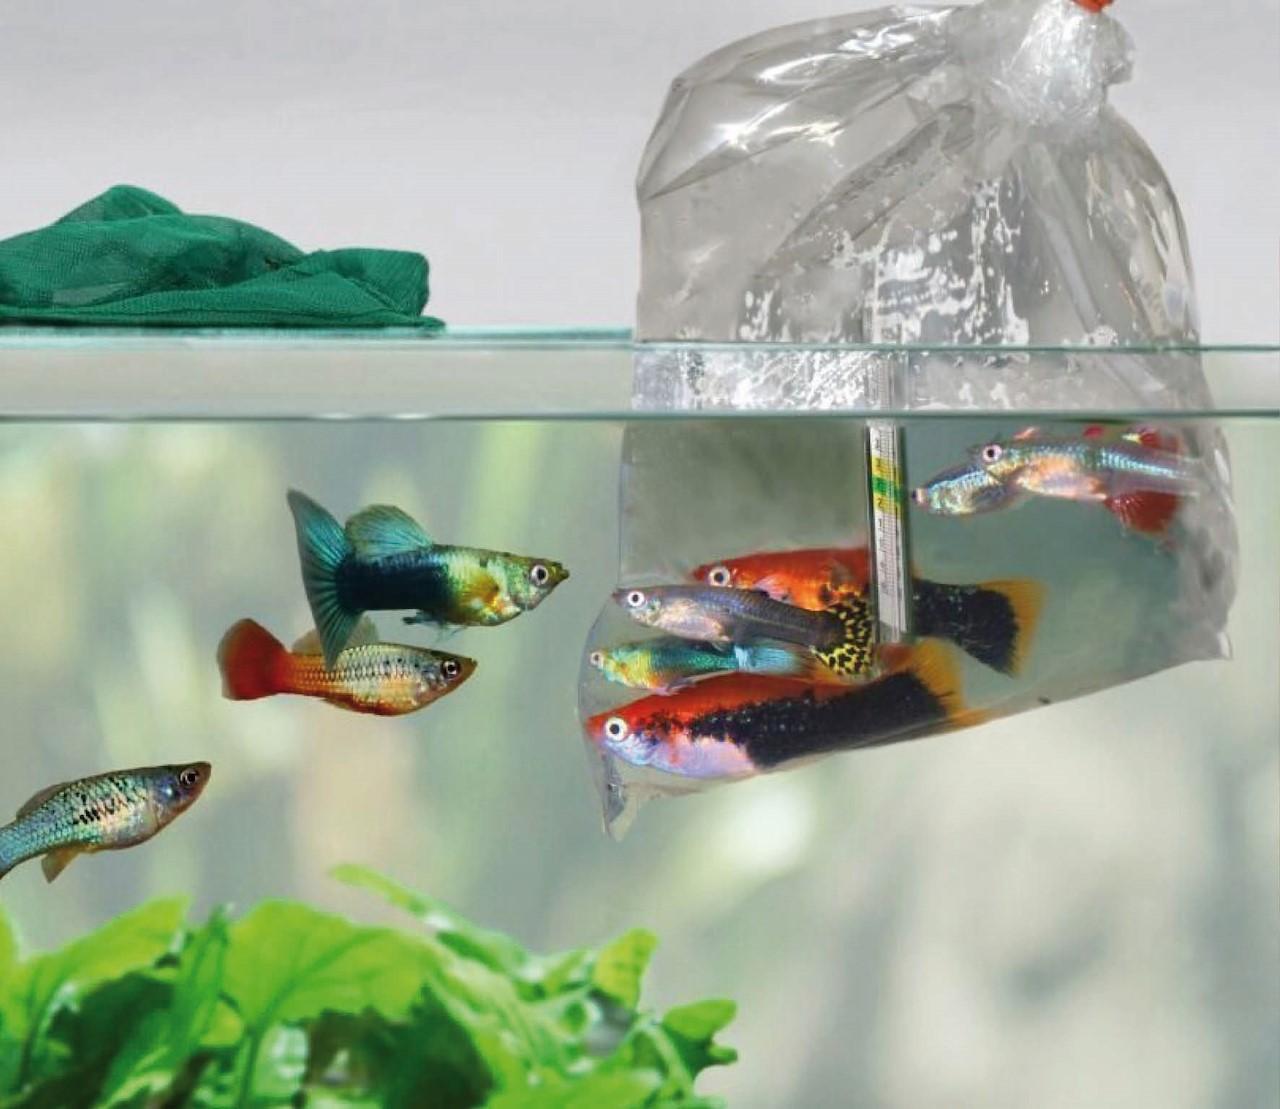 Hoe moet ik nieuwe vissen overzetten op mijn aquarium?